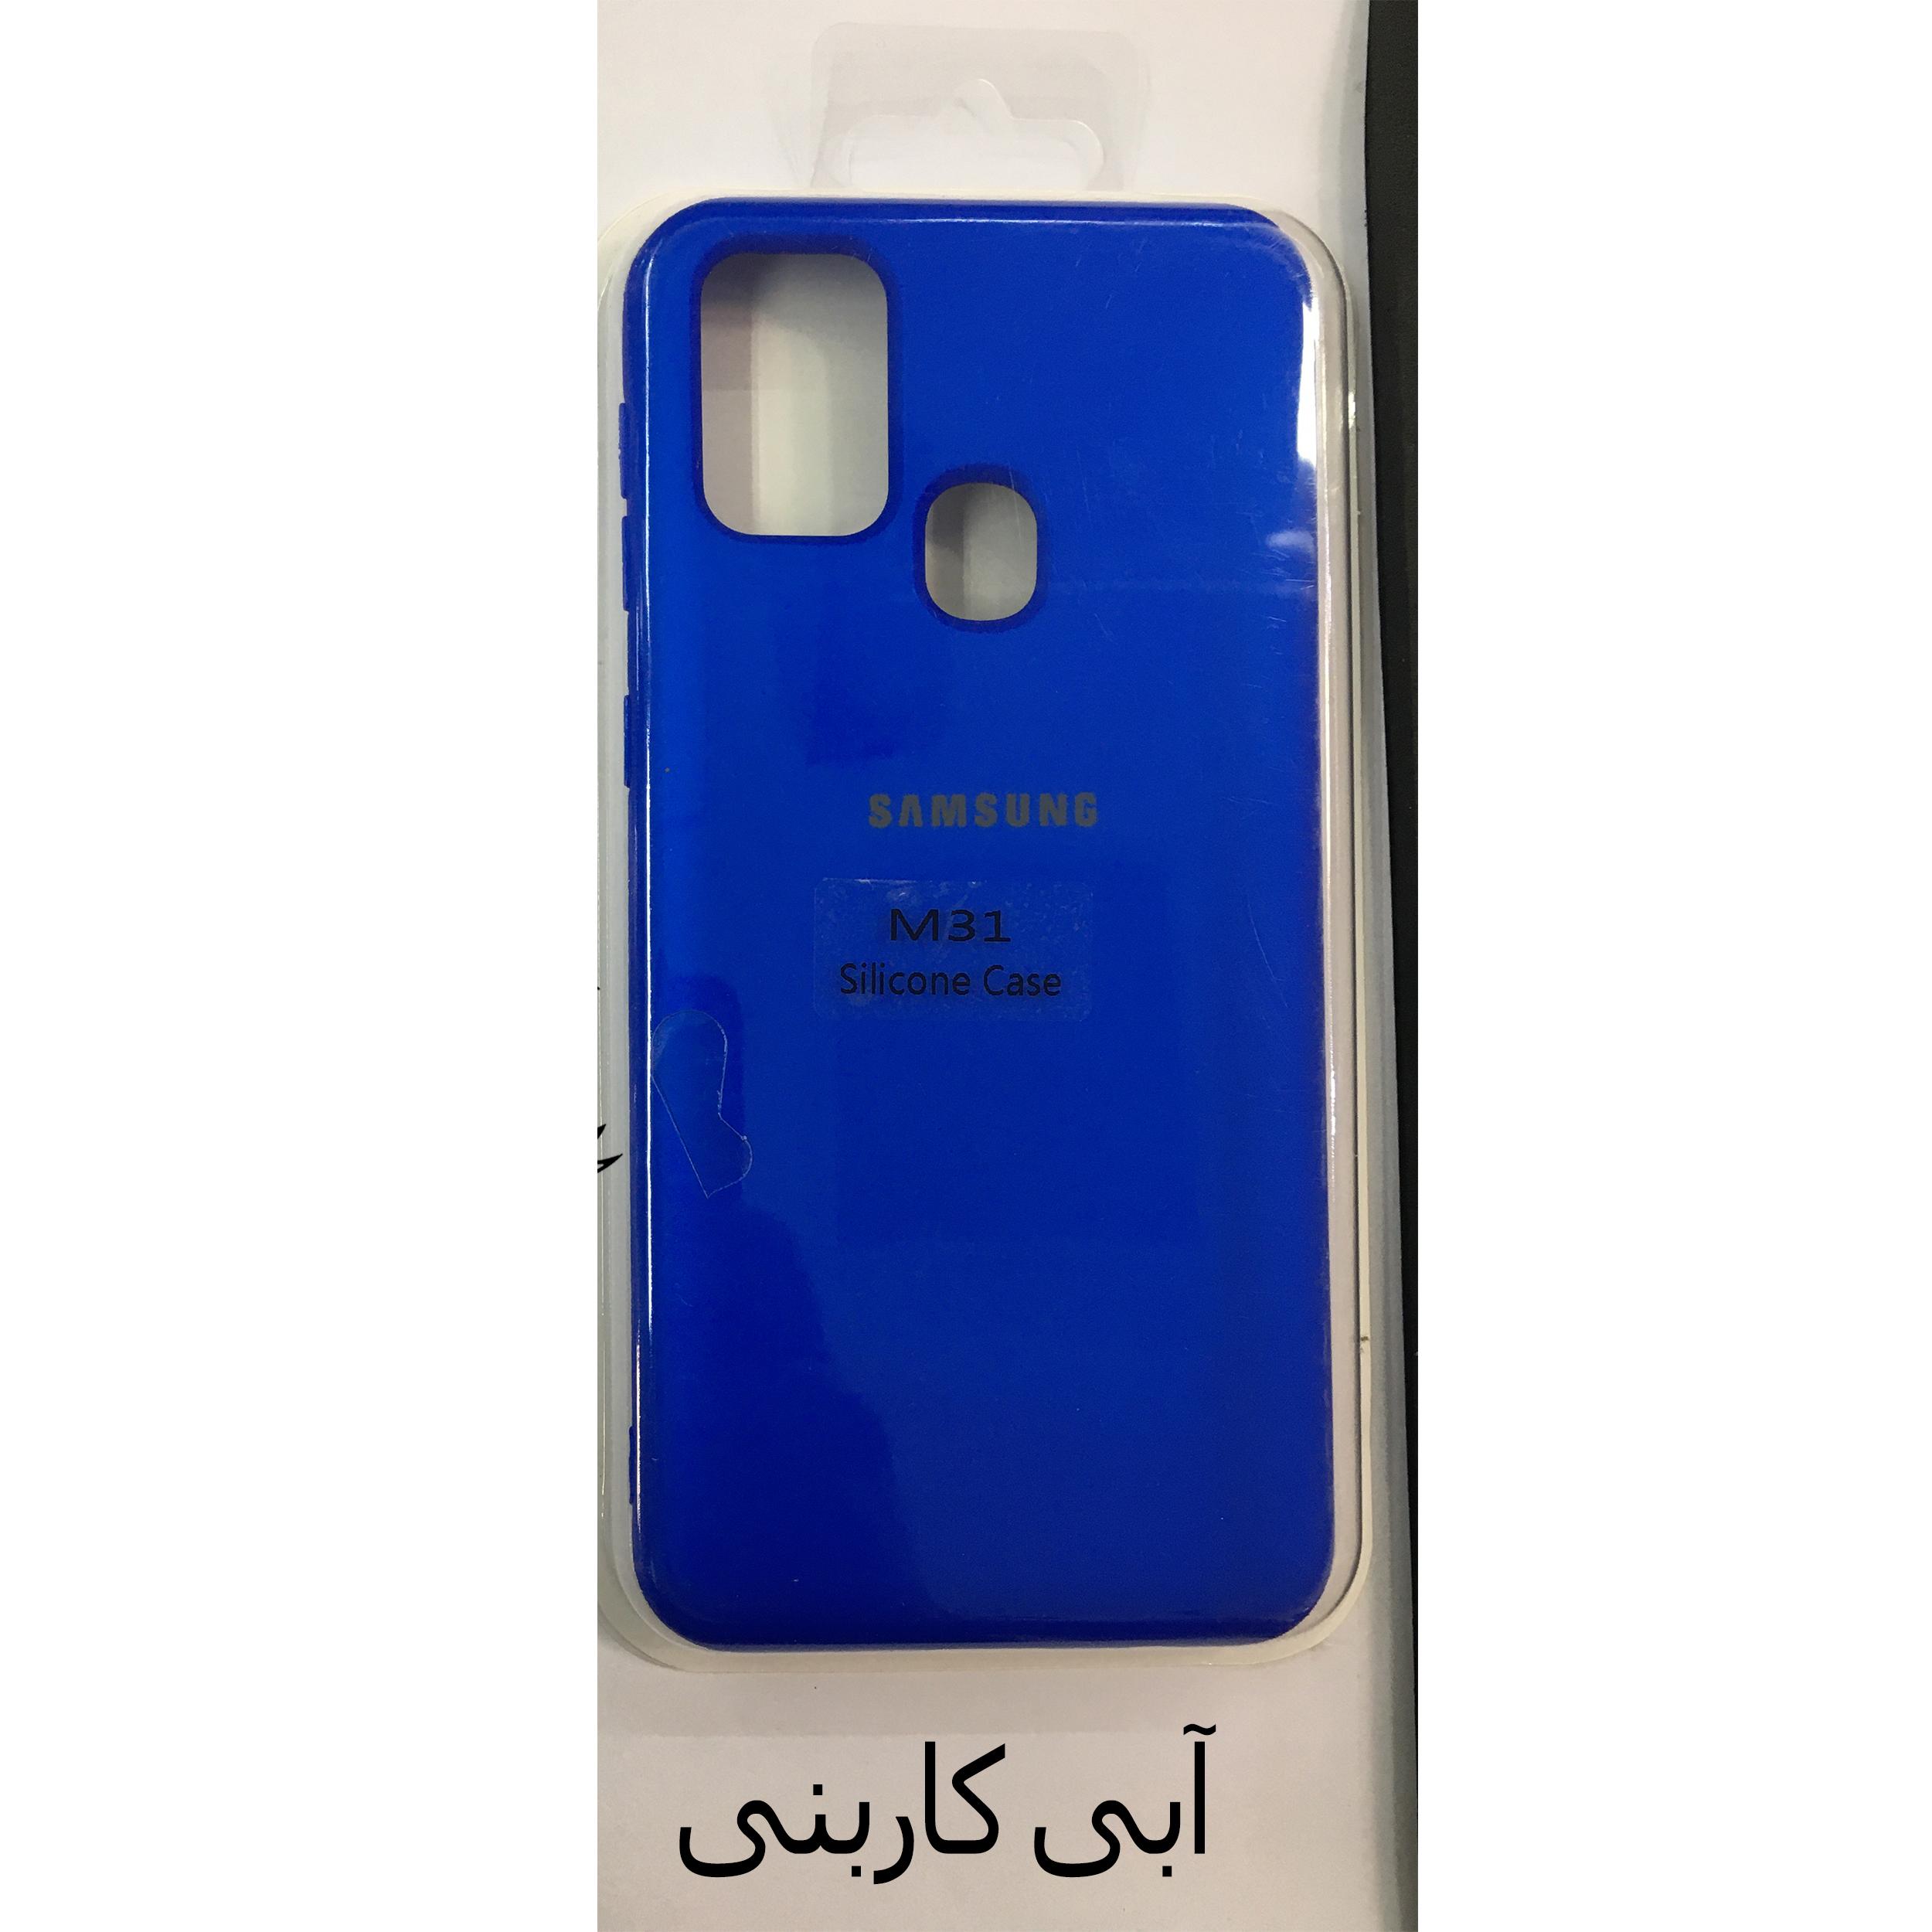 کاور مدل SIL-0031 مناسب برای گوشی موبایل سامسونگ Galaxy M31 thumb 11